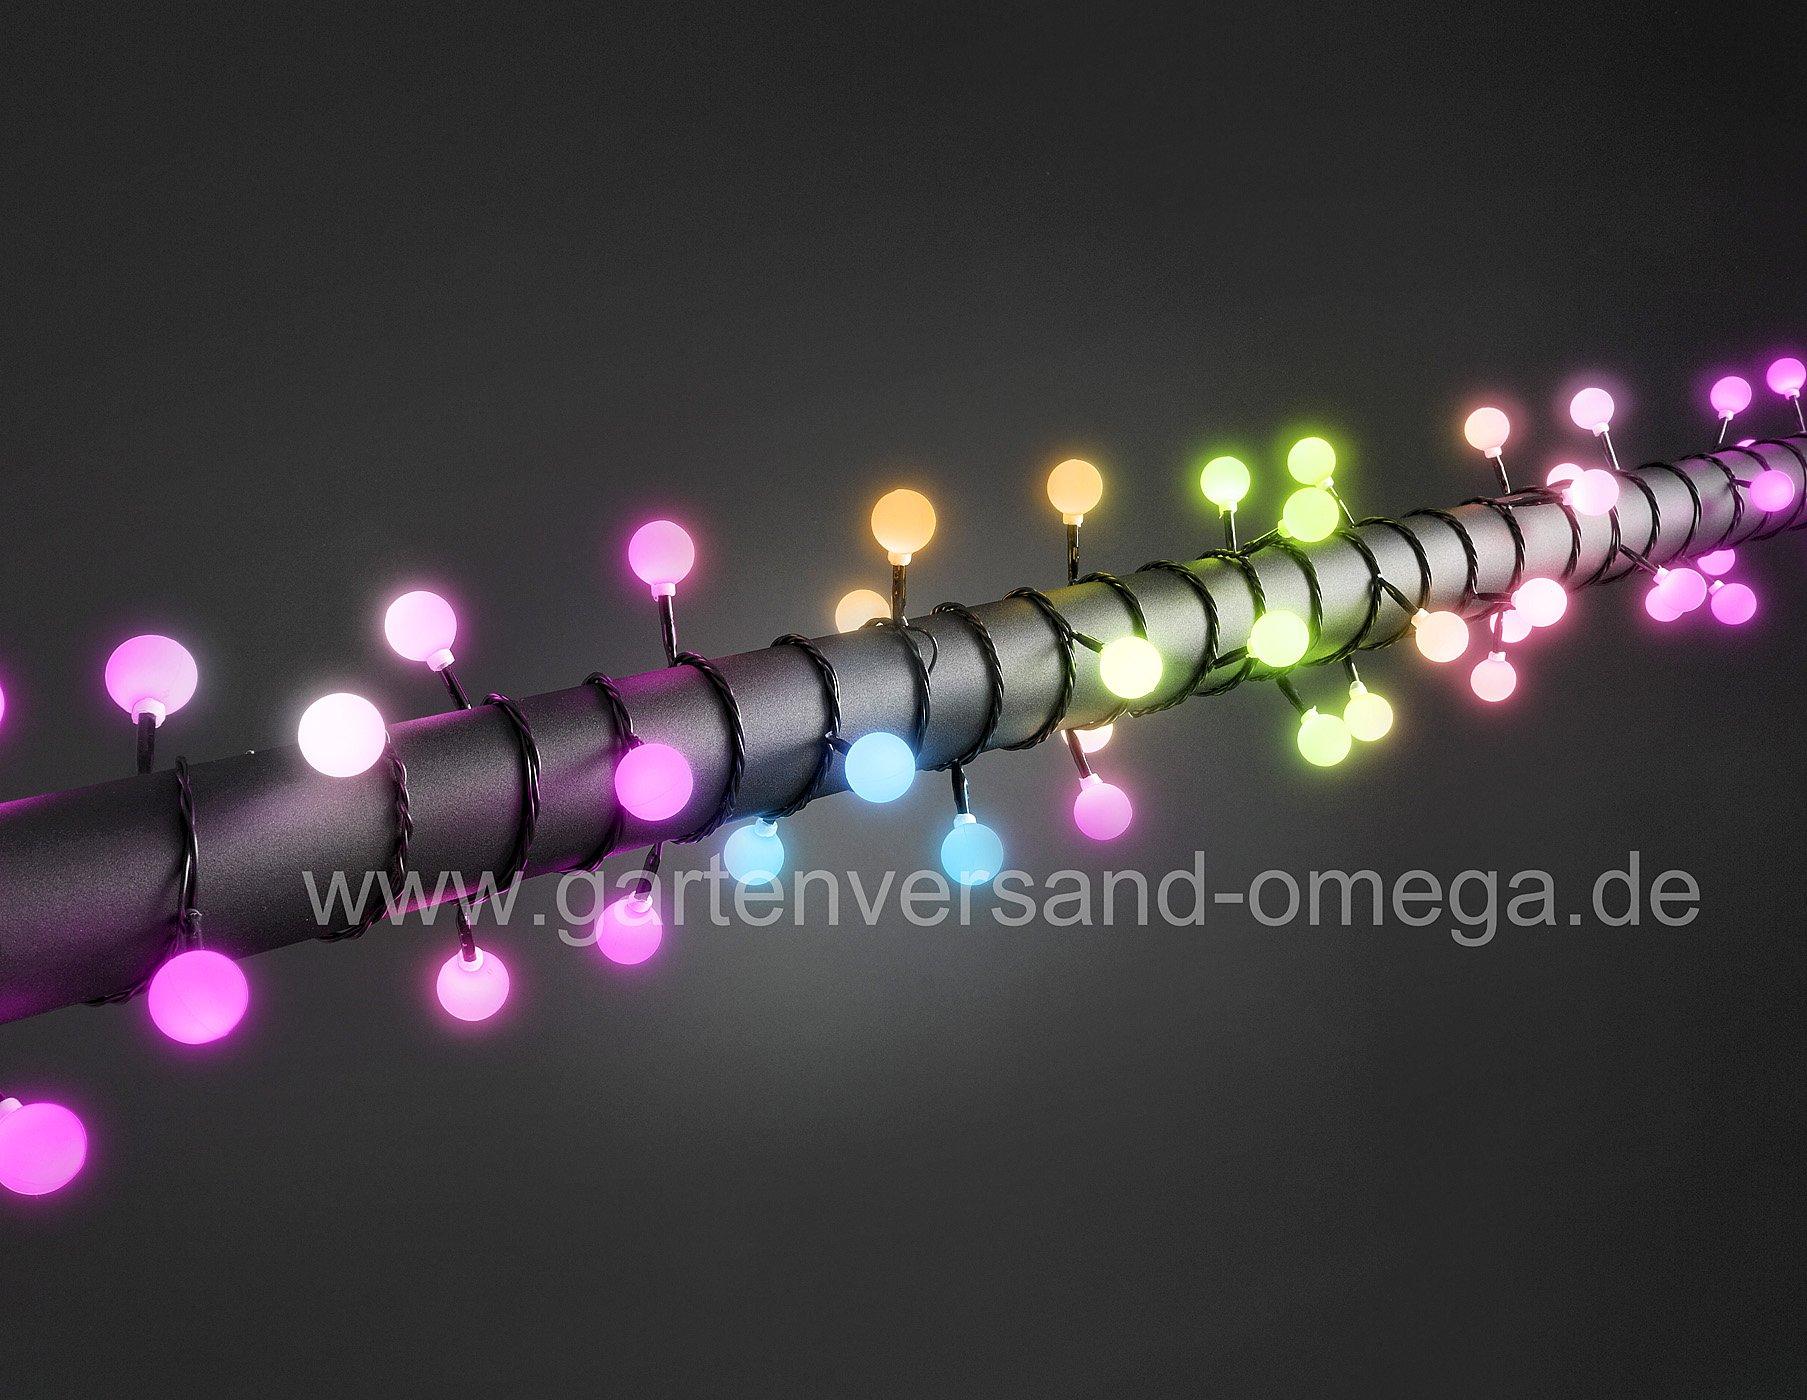 rgb farbwechsel lichterkette mit gro en dioden bunte lichterkette farbwechsellichterkette. Black Bedroom Furniture Sets. Home Design Ideas